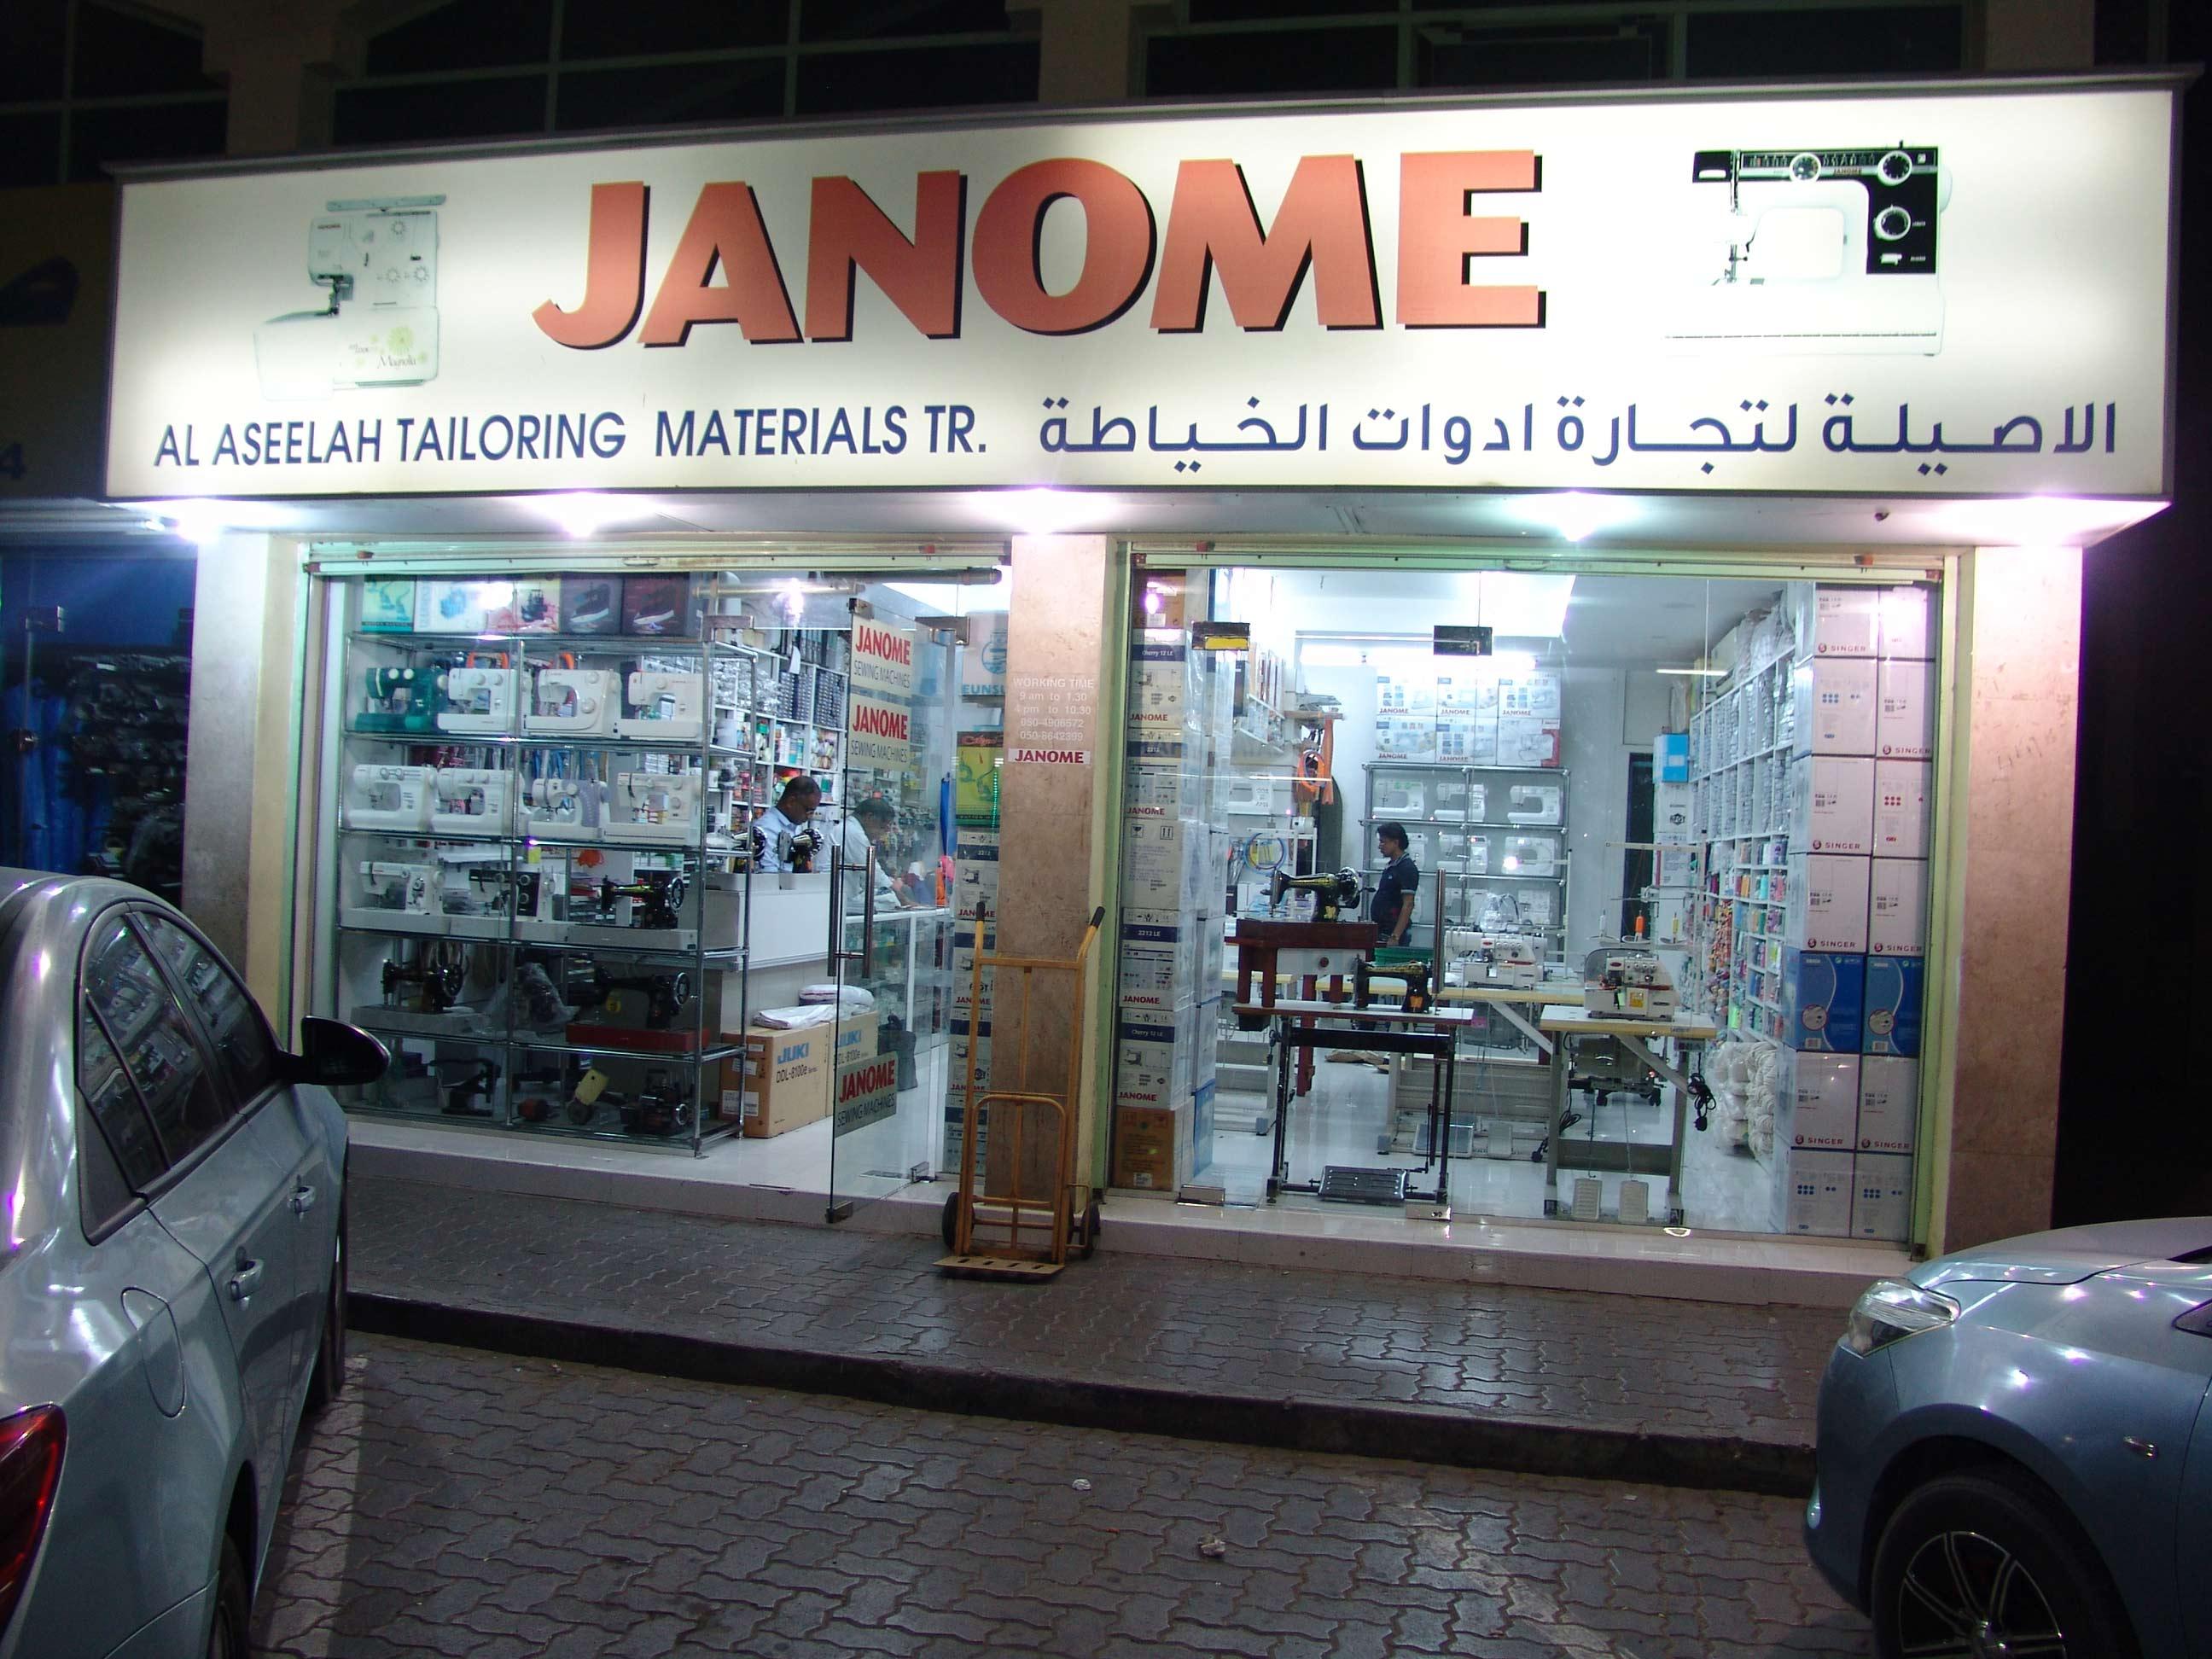 Al Aseelah Tailoring Materials Trd - DSC01376.jpg